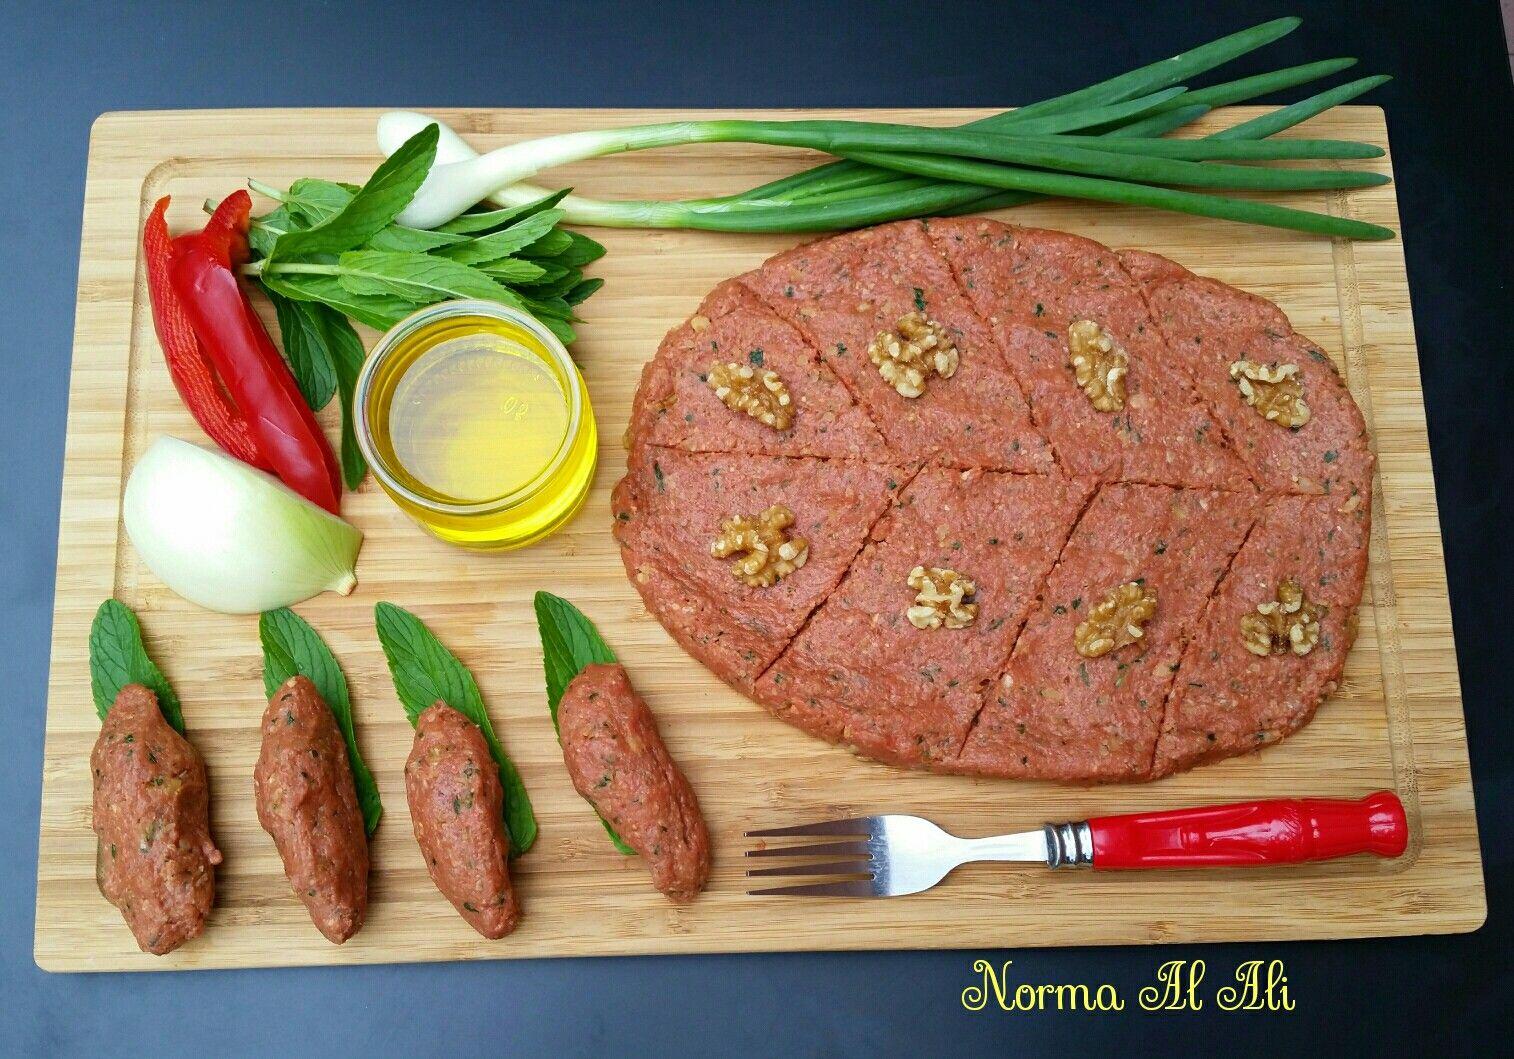 من اطيب المقبلات اللبنانية وطبق شهي واساسي بالسفرة الرمضانية اللبنانية Cooking Food Meat